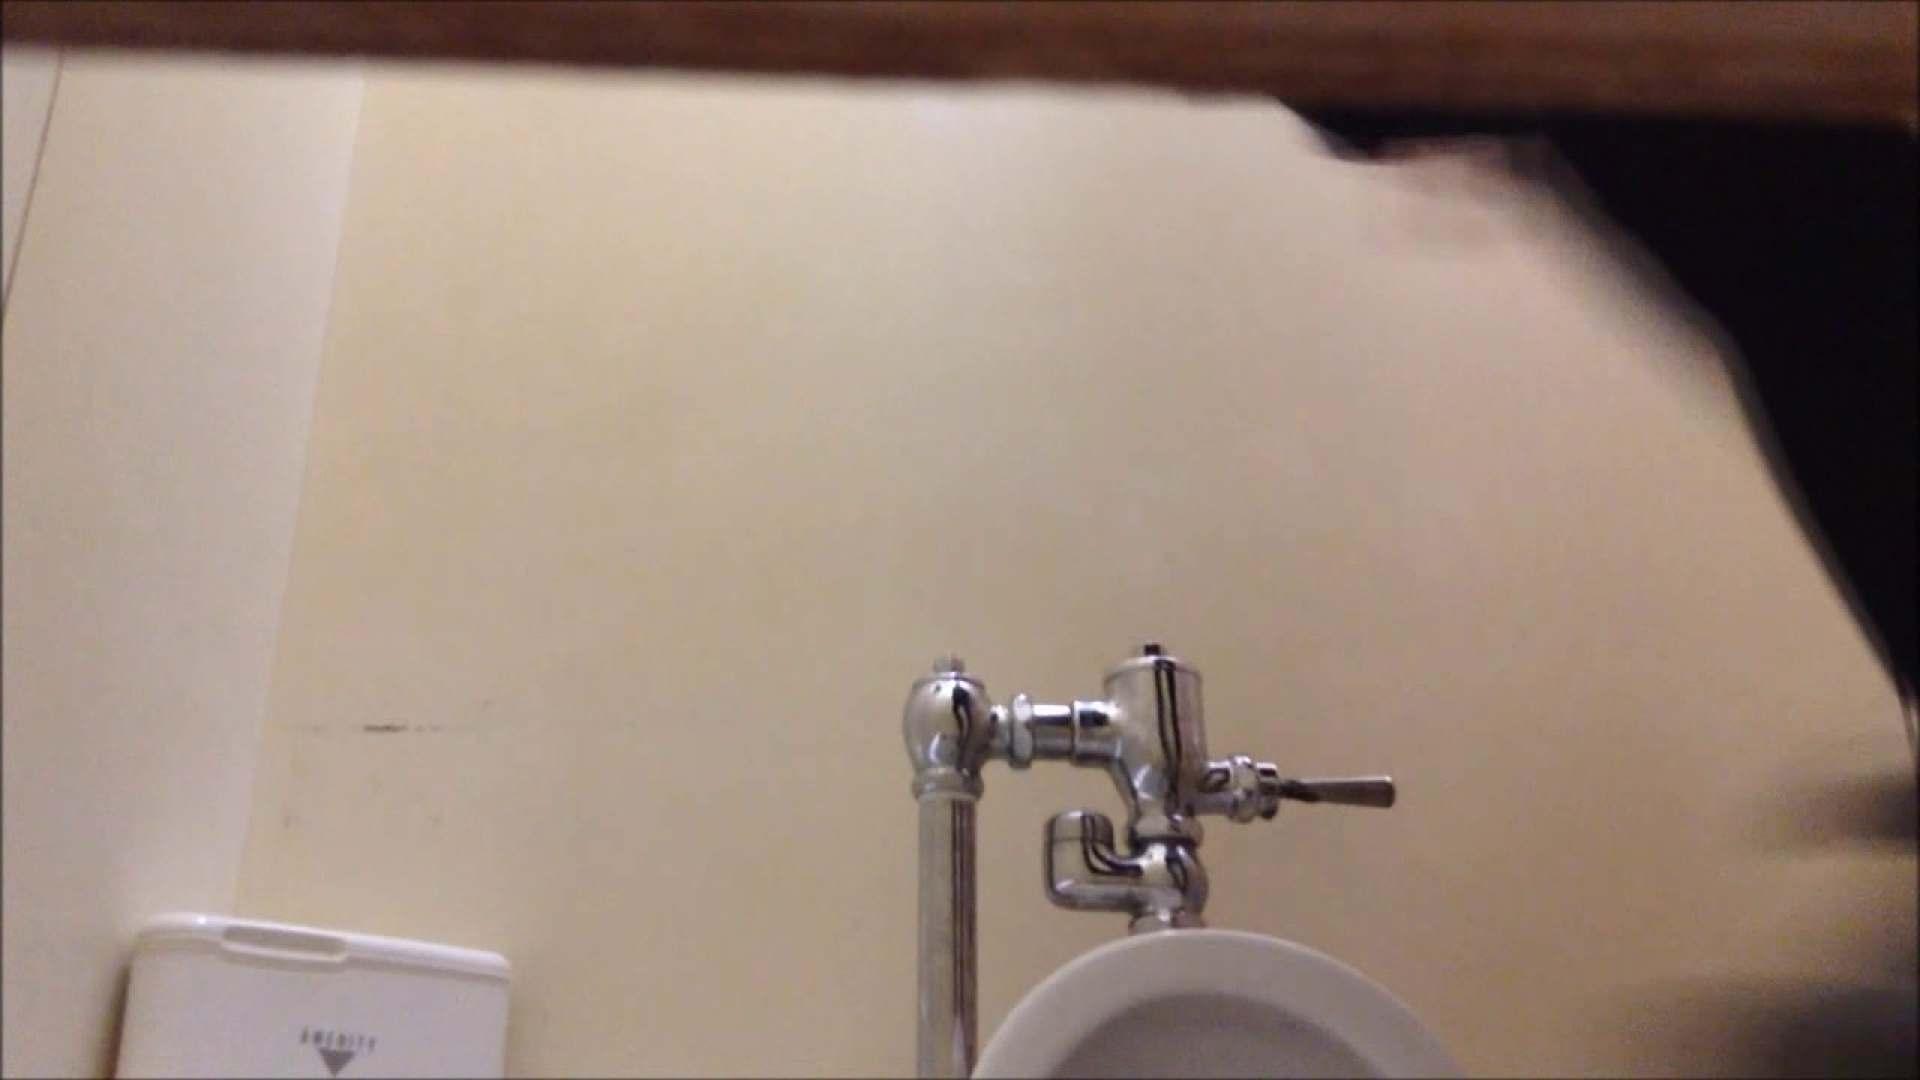 某有名大学女性洗面所 vol.04 排泄 おまんこ無修正動画無料 80pic 23